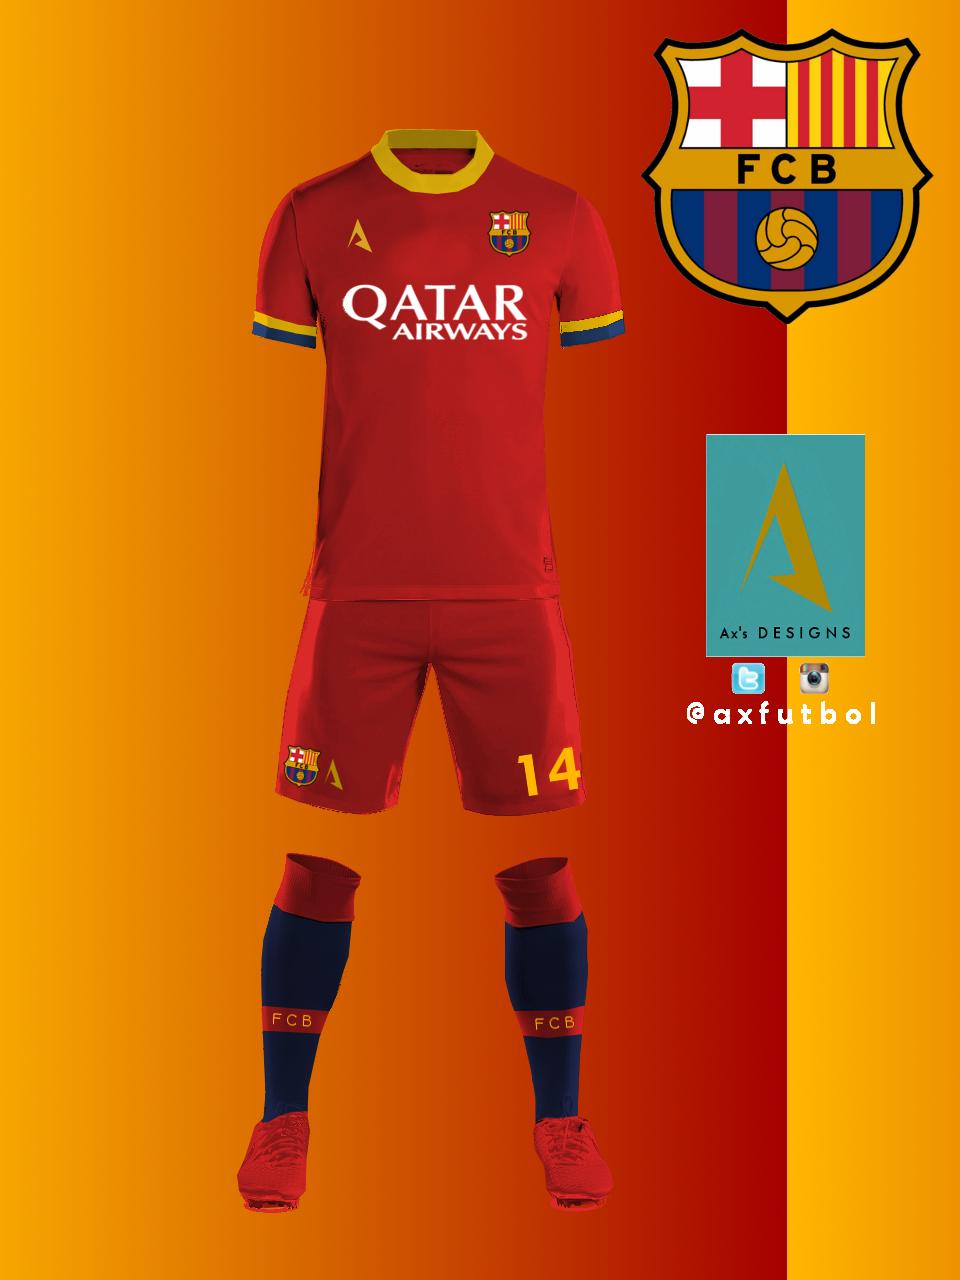 2c2d3baf1bb Kit Relea Fc Barcelona - Querciacb